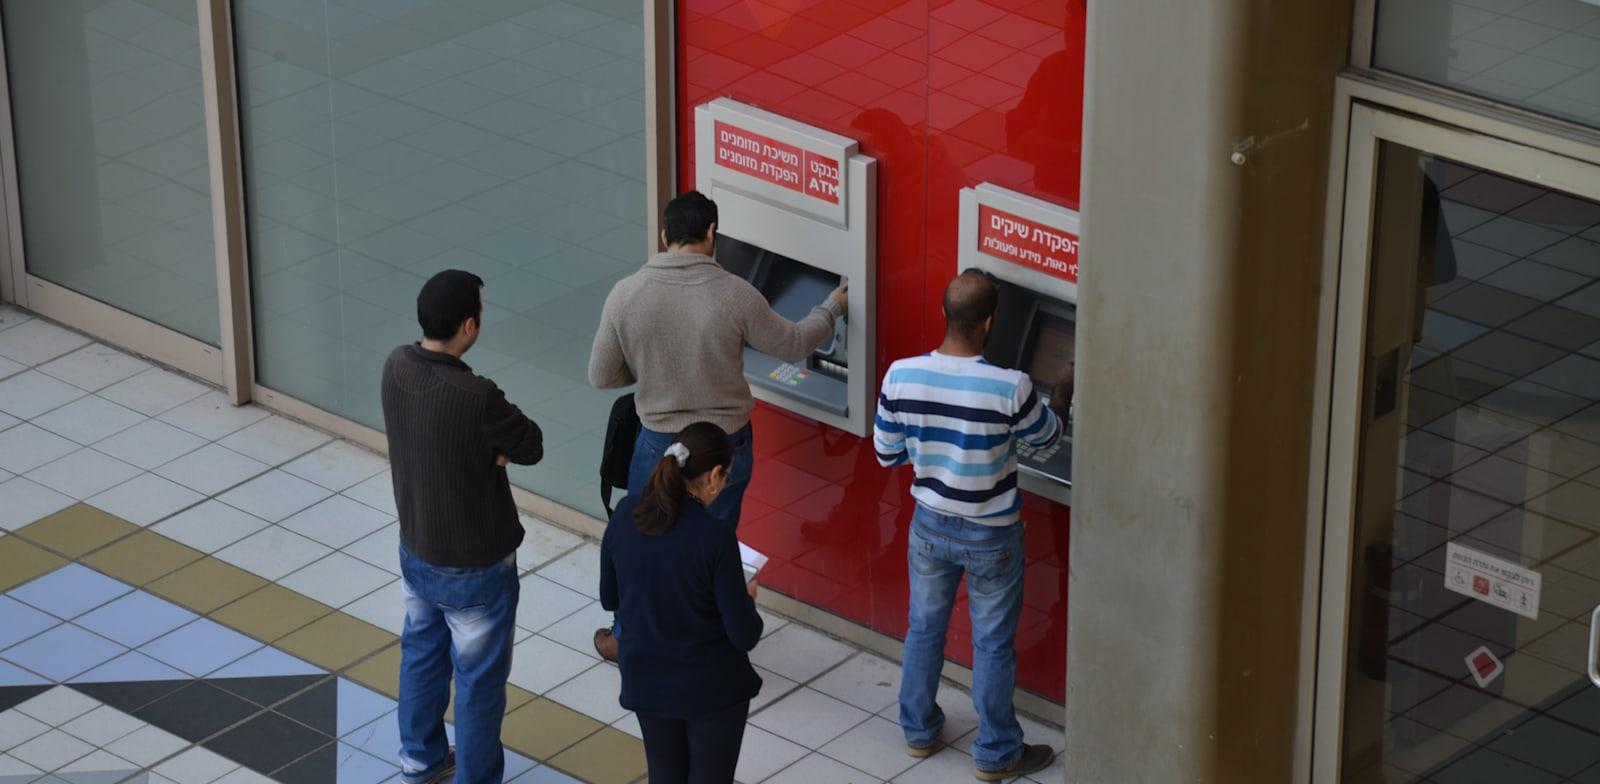 הקורונה הריצה את הישראלים למזומנים / צילום: תמר מצפי